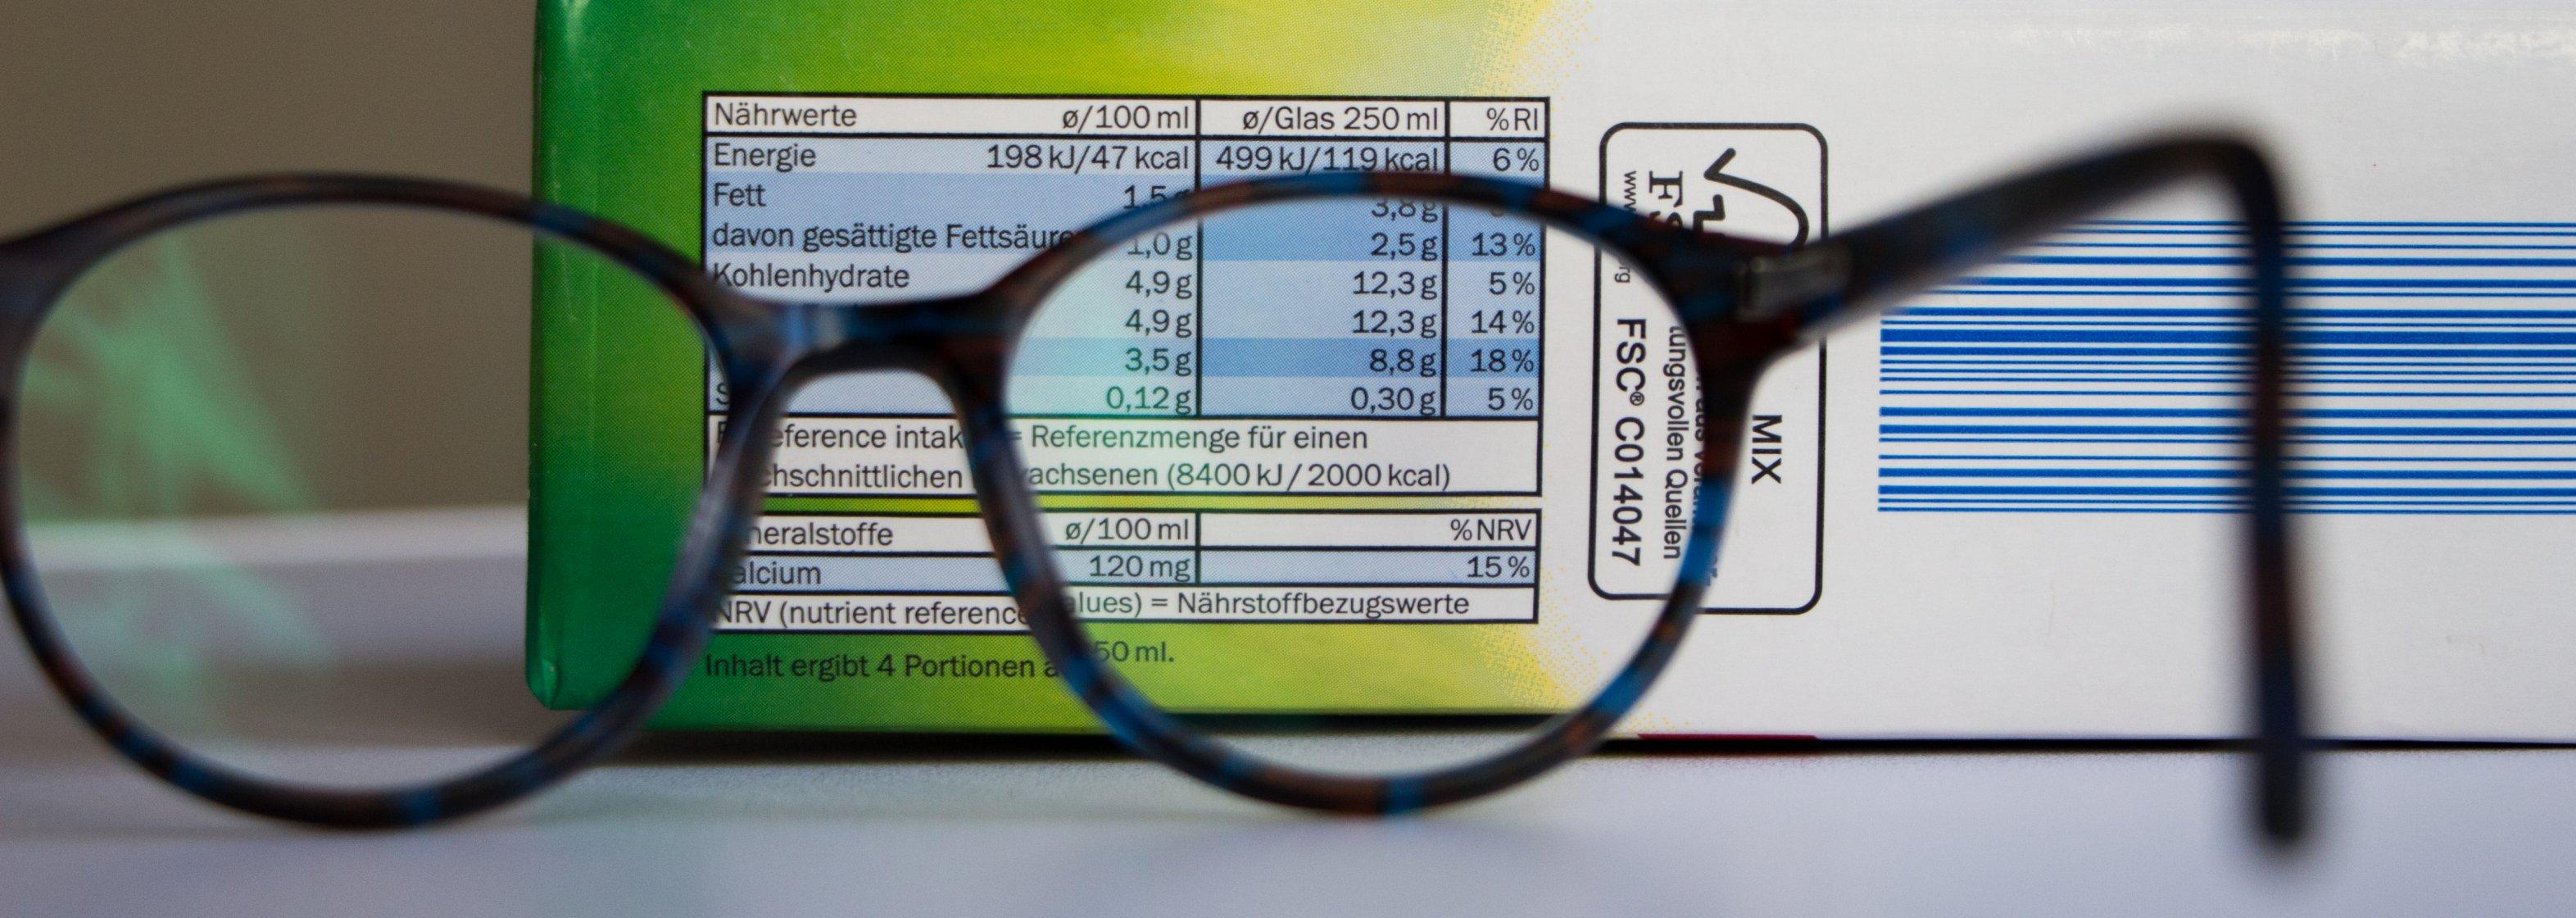 Ernährungsdetektiv - Brille, Verpackung